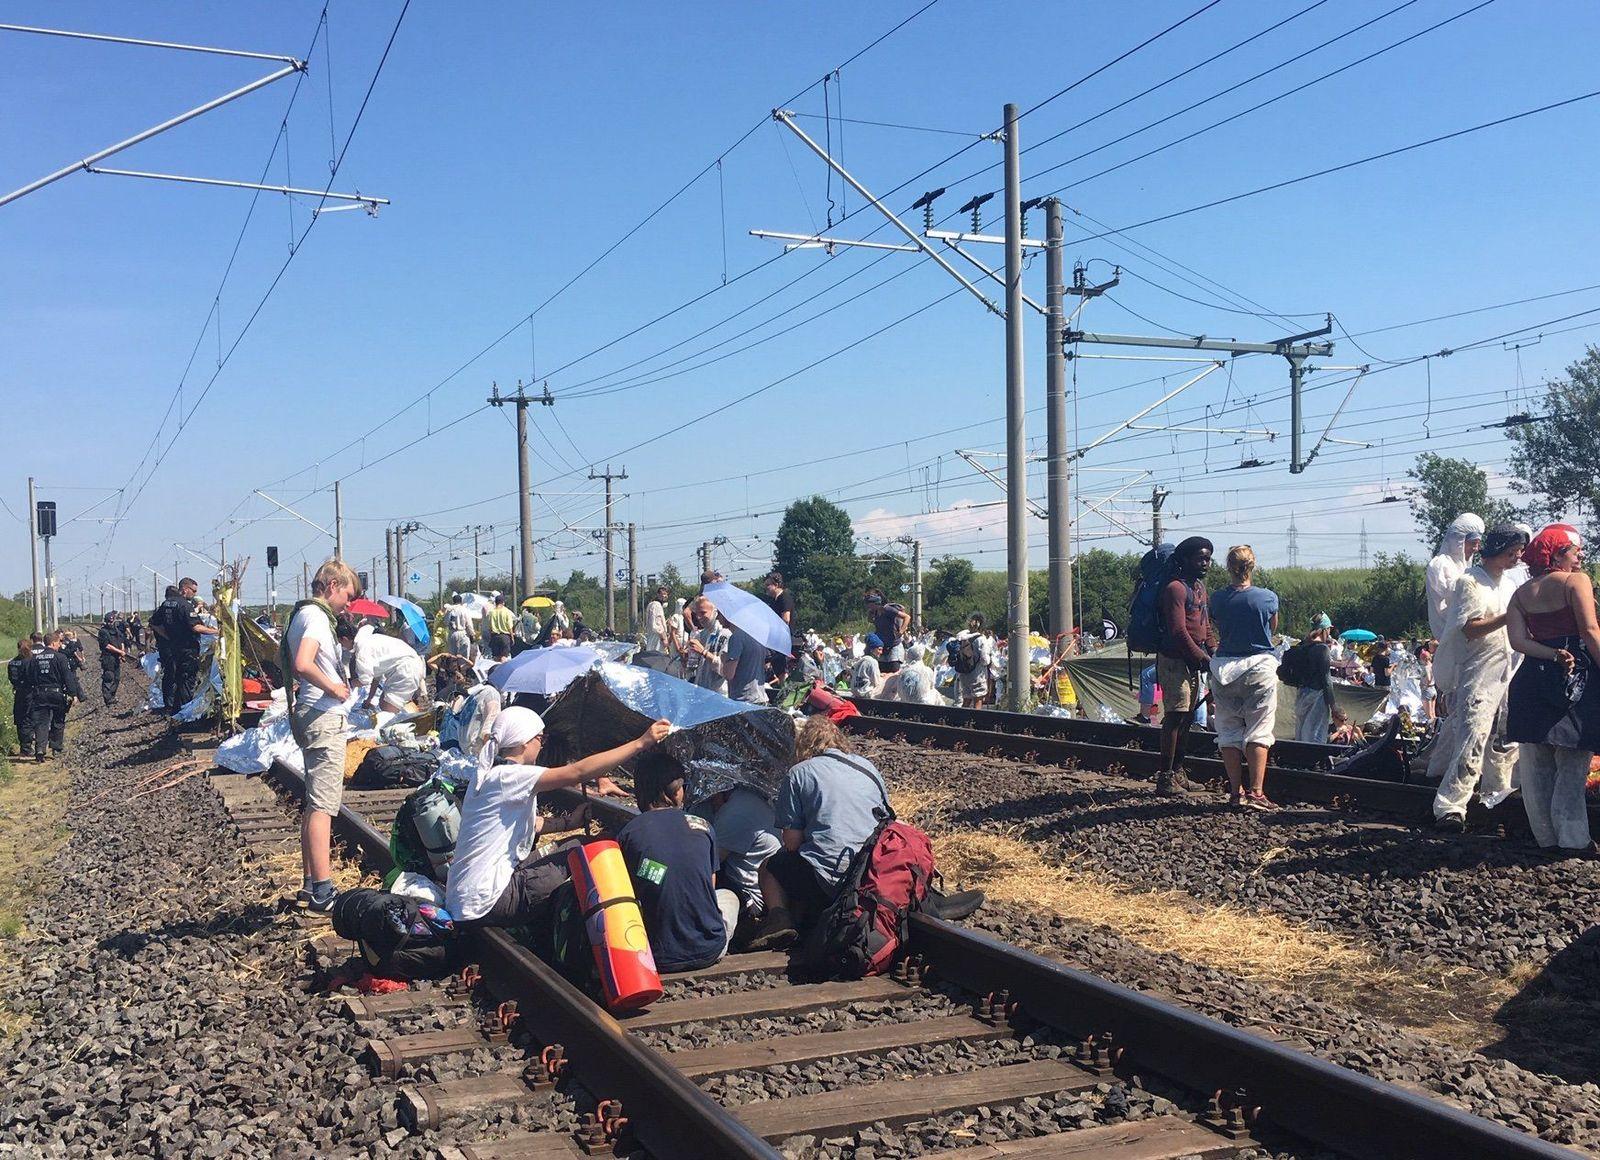 Braunkohle-Protest in NRW/ Garzweiler